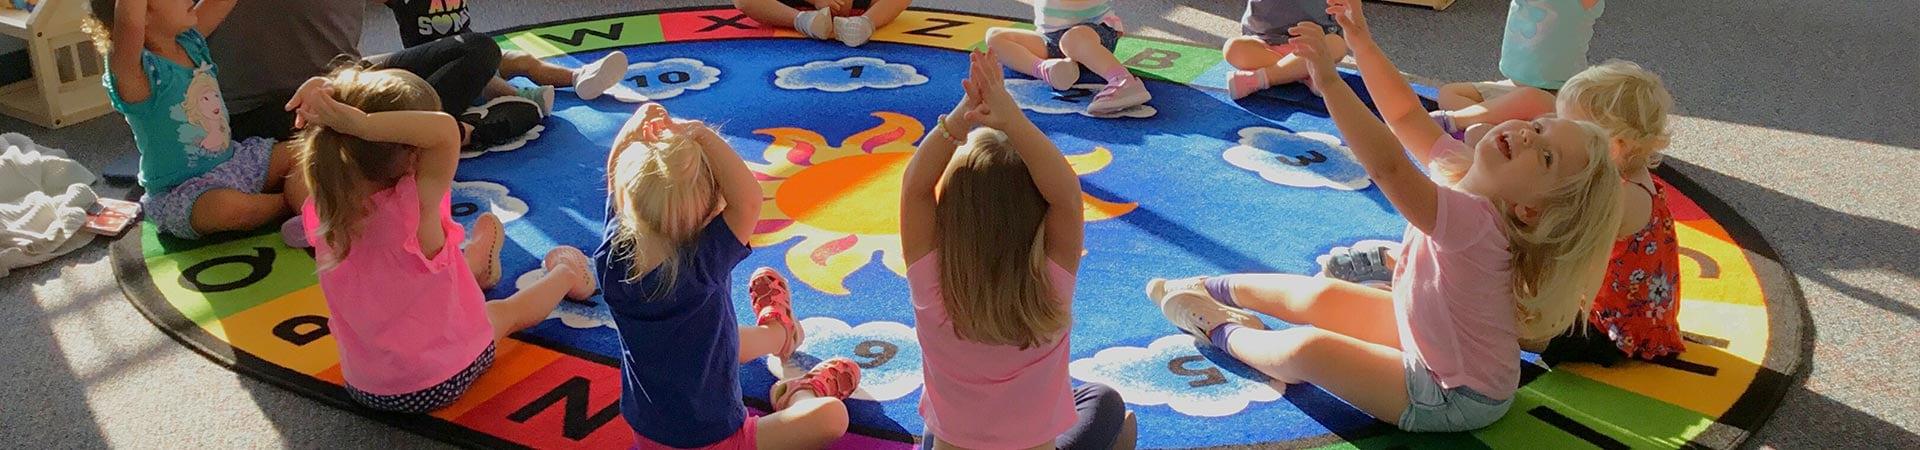 Kiddi Kollege Classrooms Children